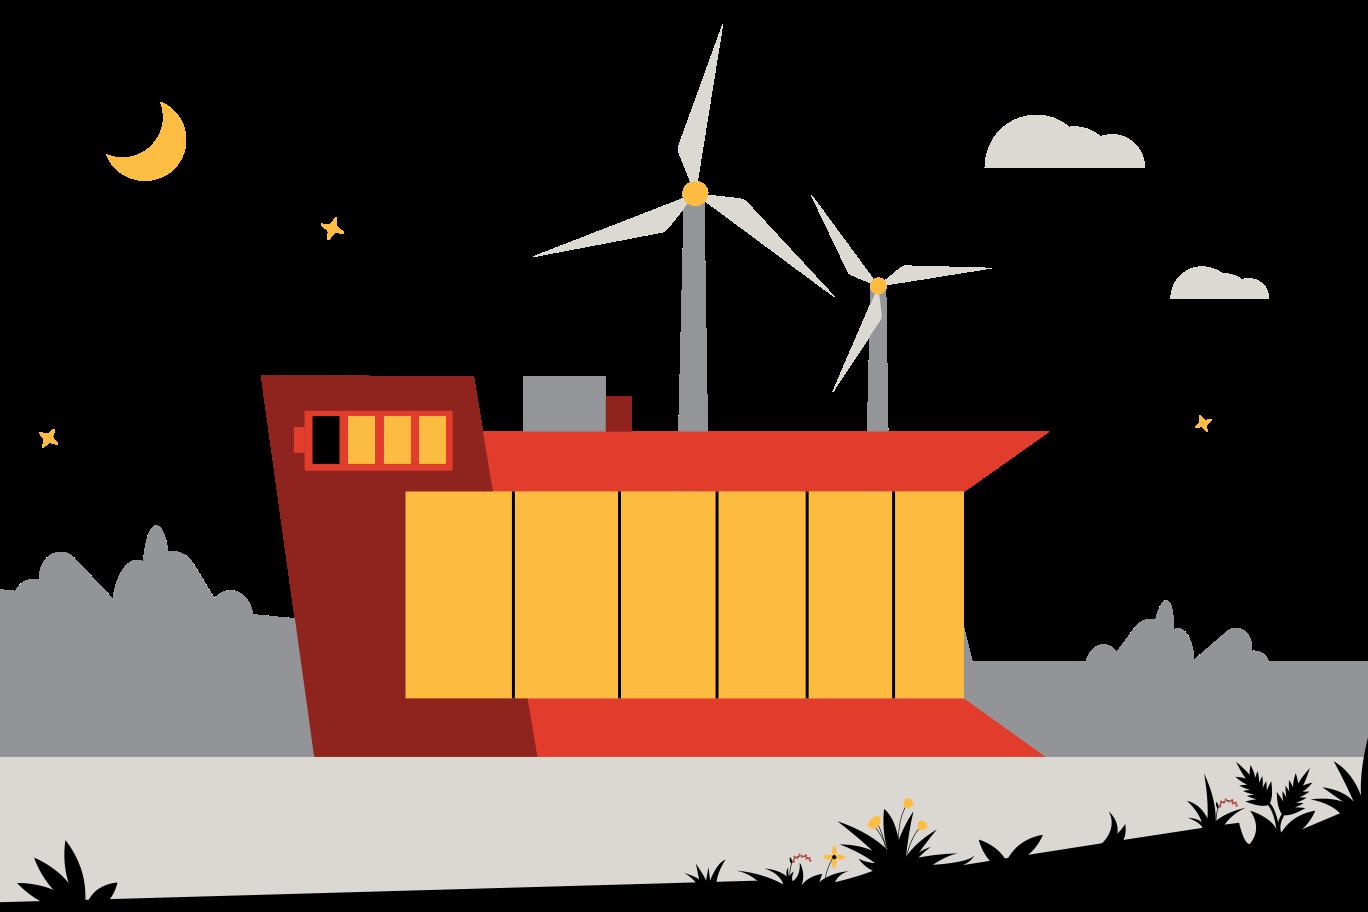 Öko-haus Clipart-Grafik als PNG, SVG